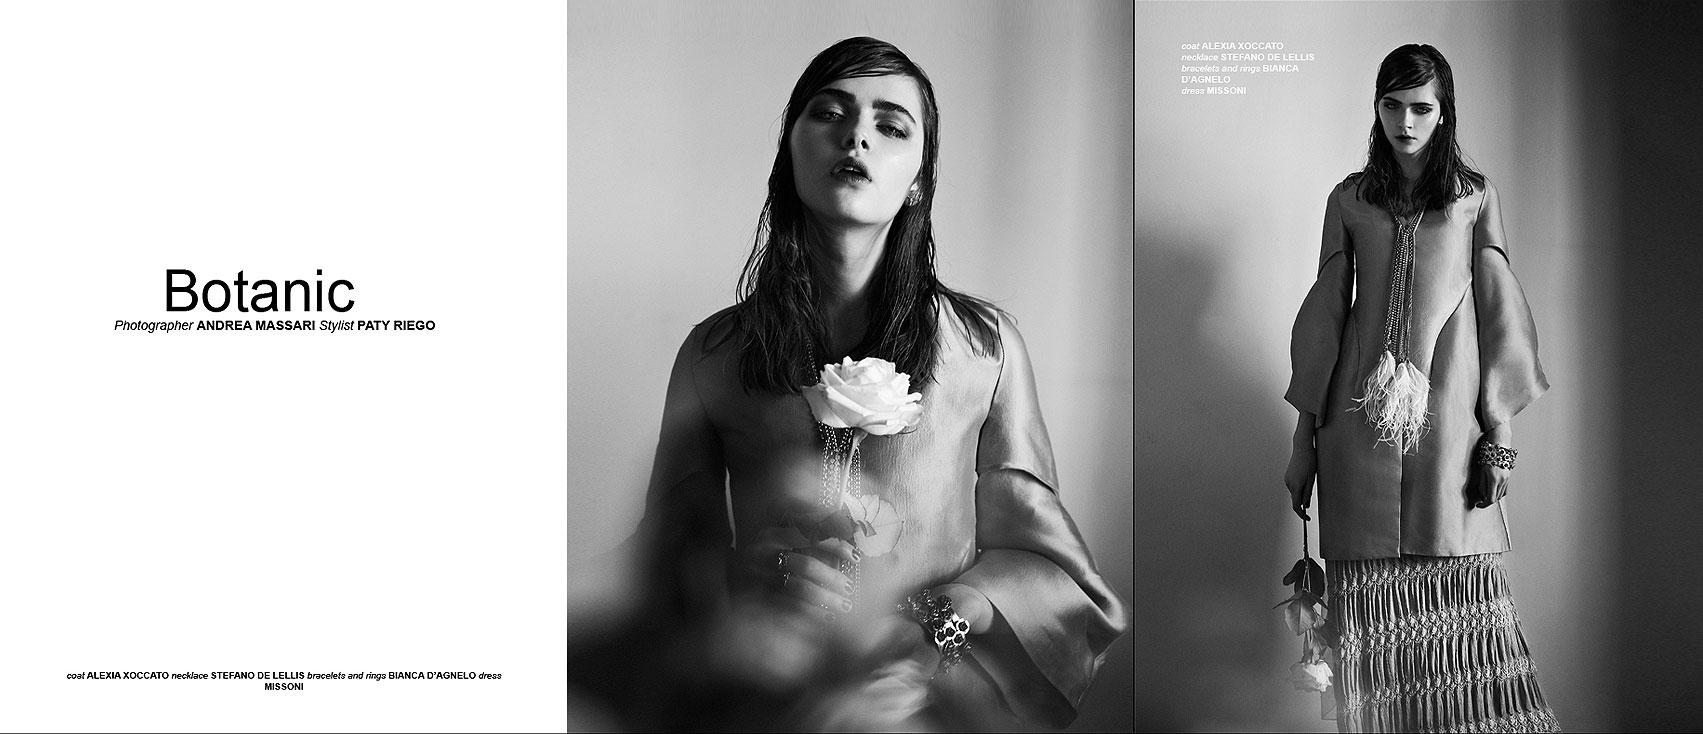 Alessia Xoccato 2013_04_vestalmagazine 2013